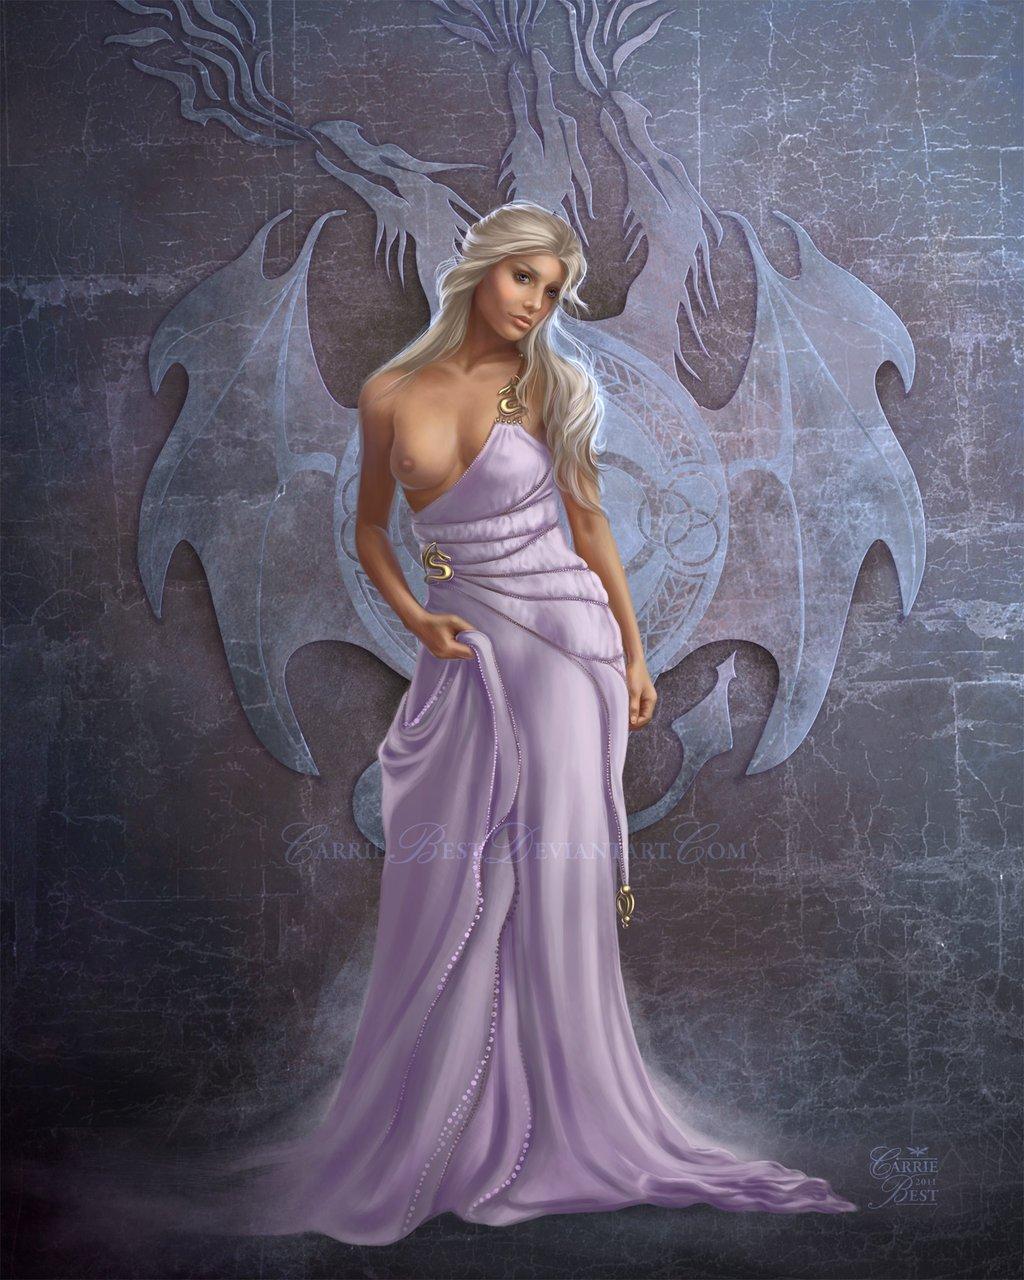 Daenerys_by_carrie_best.jpg